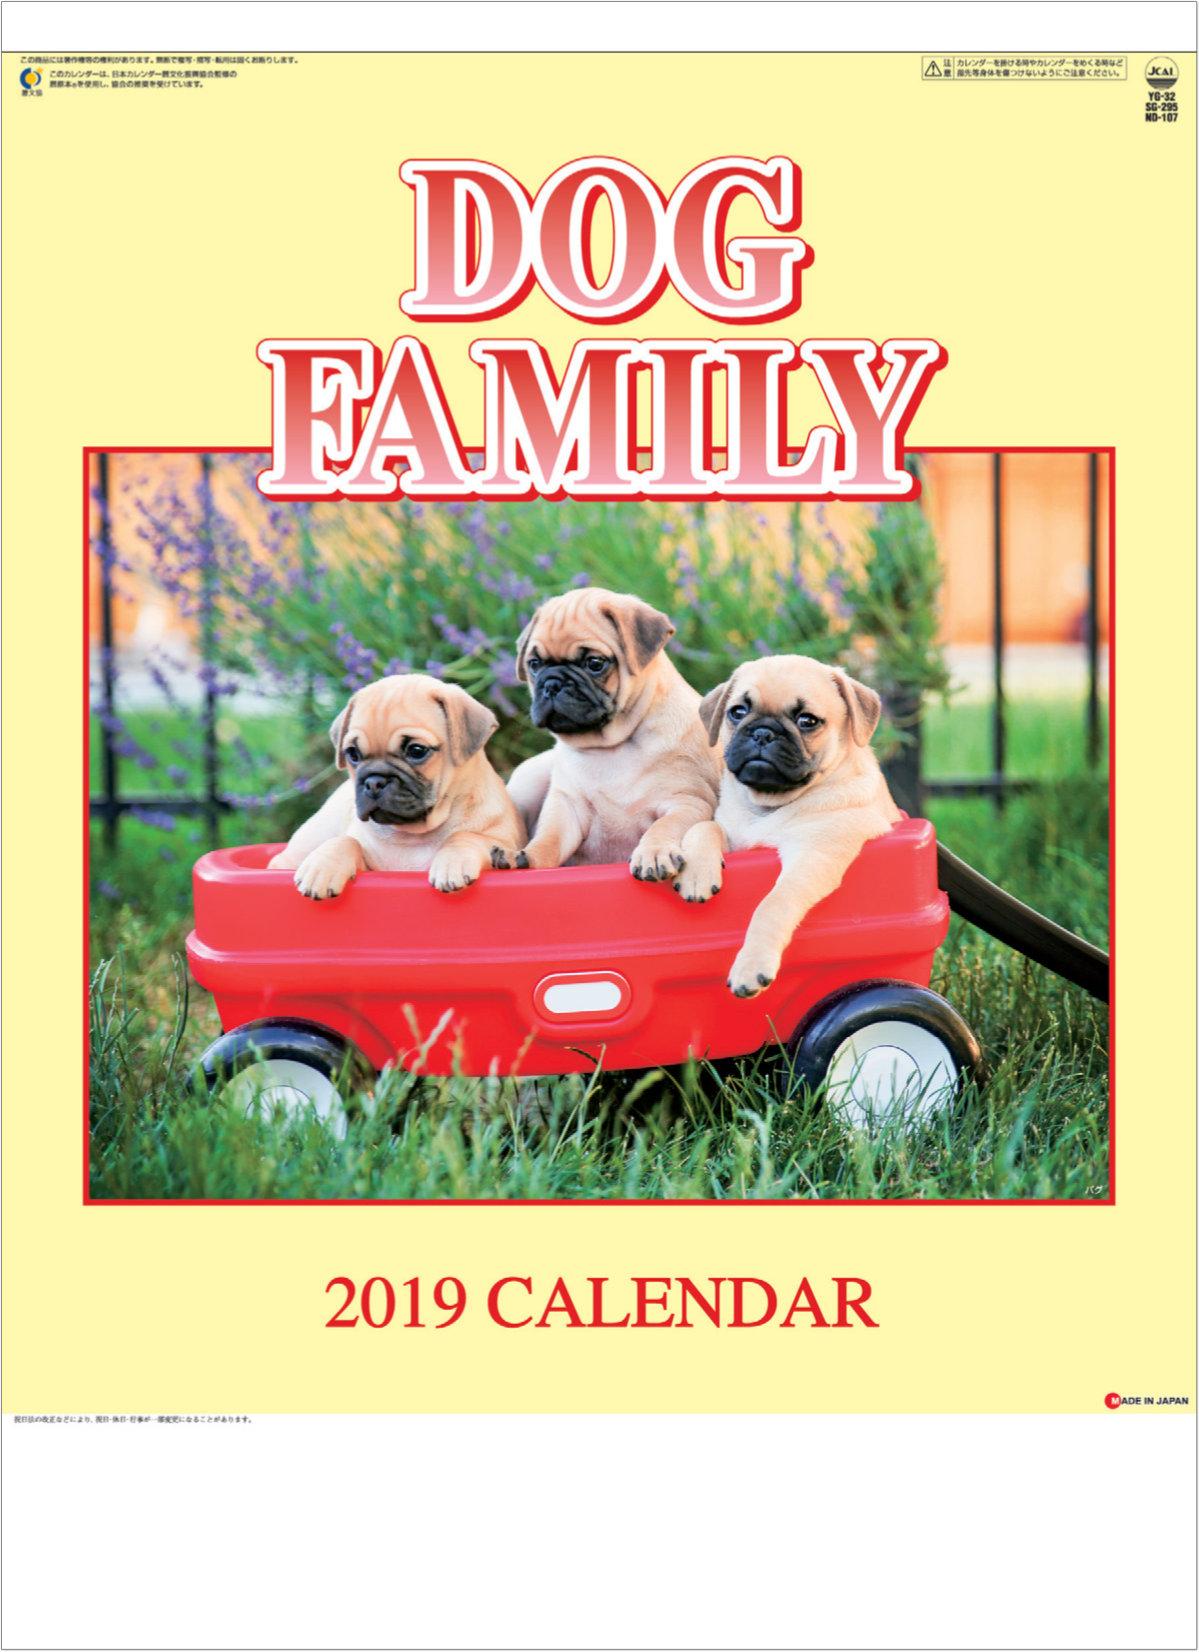 表紙 ドッグファミリー 2019年カレンダーの画像